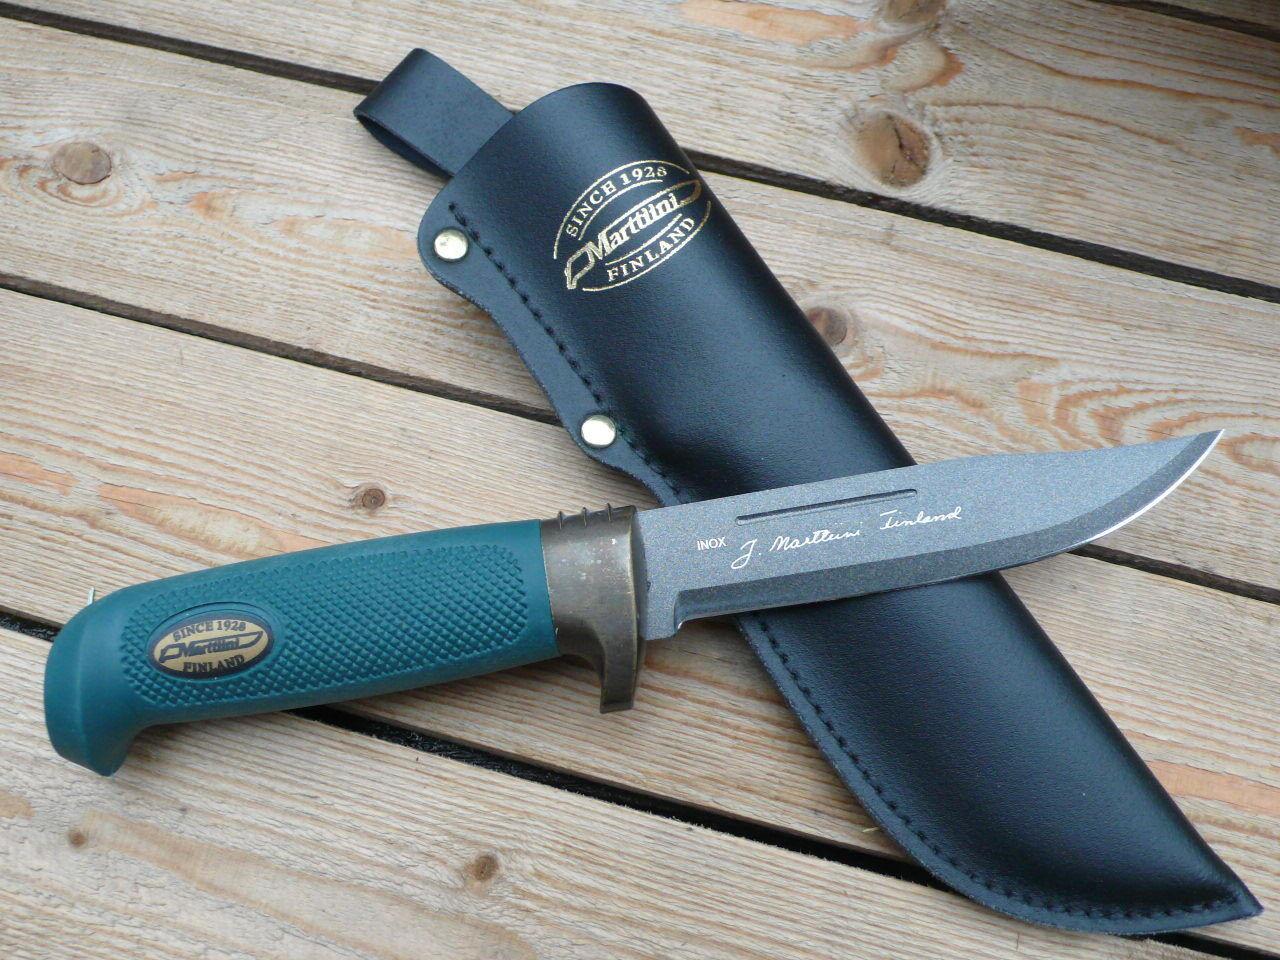 Marttiini Jagdmesser Outdoormesser Outdoormesser Outdoormesser Arbeitsmesser Angler Messer Gürtelmesser 1413 c90b8d